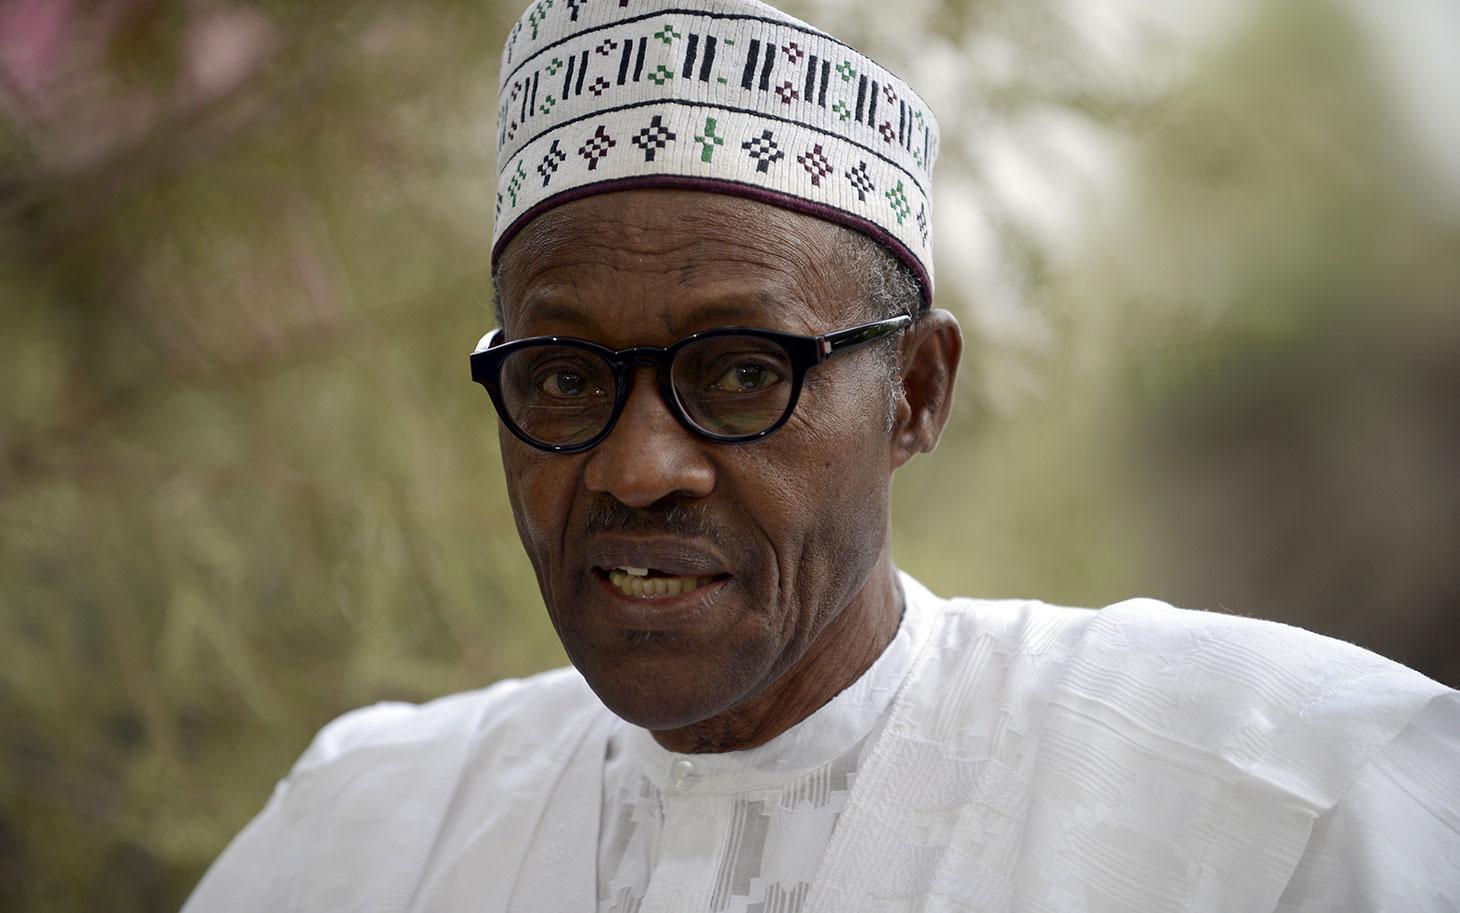 Muhammadu Buhari appelle à l'engagement des parties impliquées pour rétablir la paix dans la région du lac Tchad